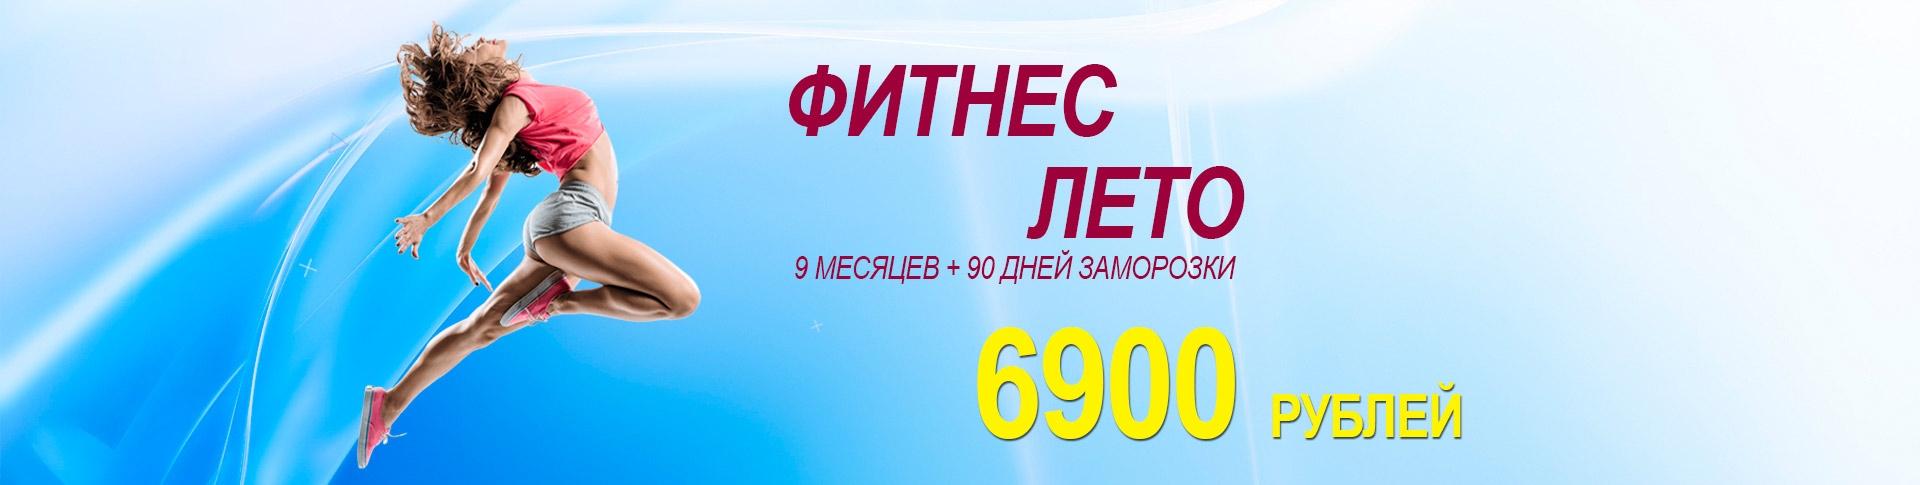 http://www.aqua-tonus.ru/events/fitnes-leto